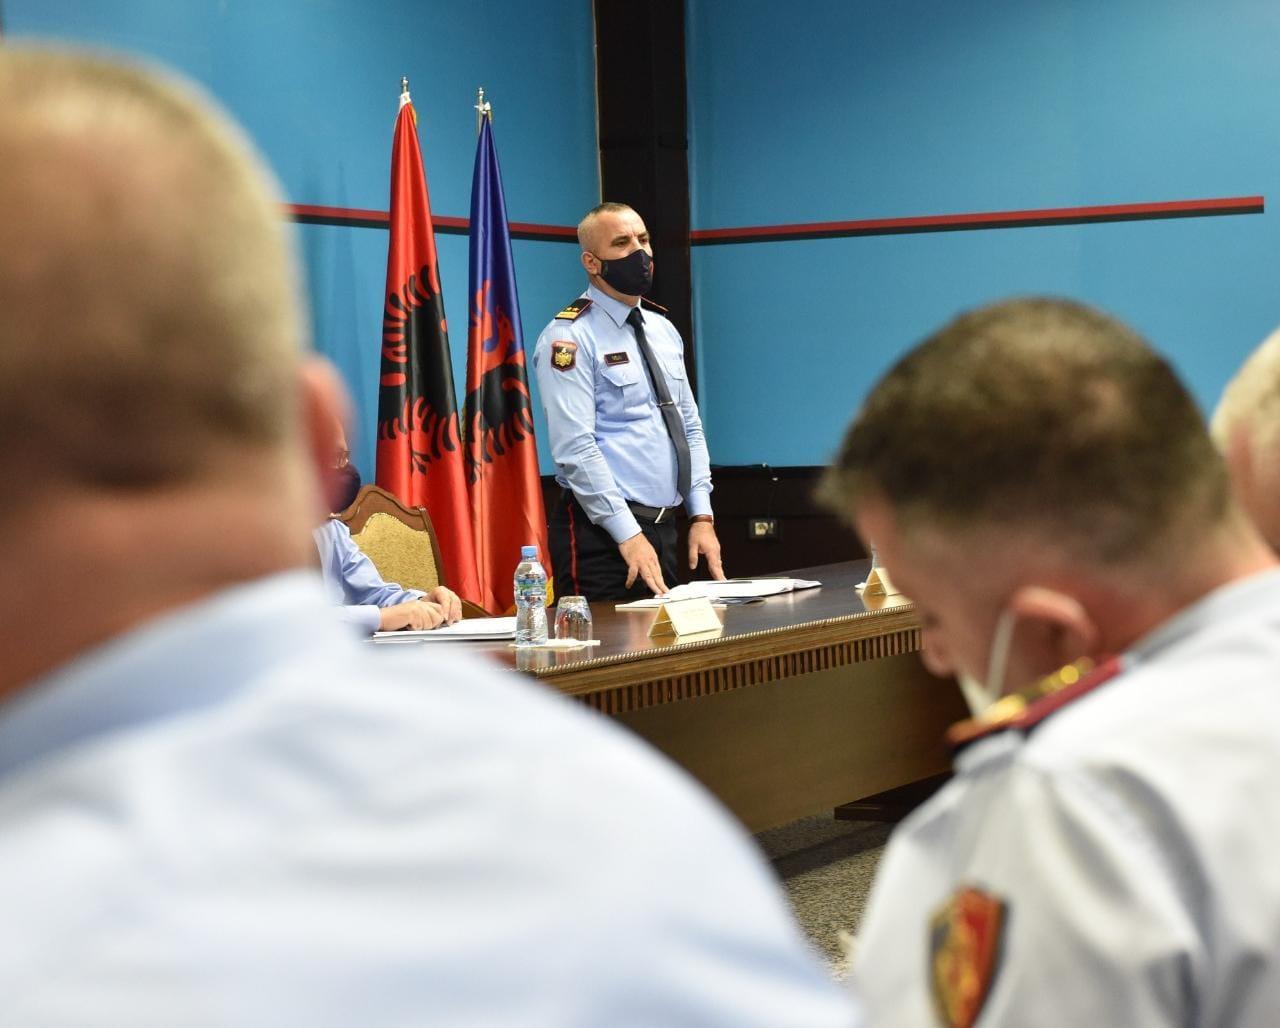 Ngjarjet kriminale, Veliu mbledh shefat e komisariateve: Të rritet efikasiteti i policisë